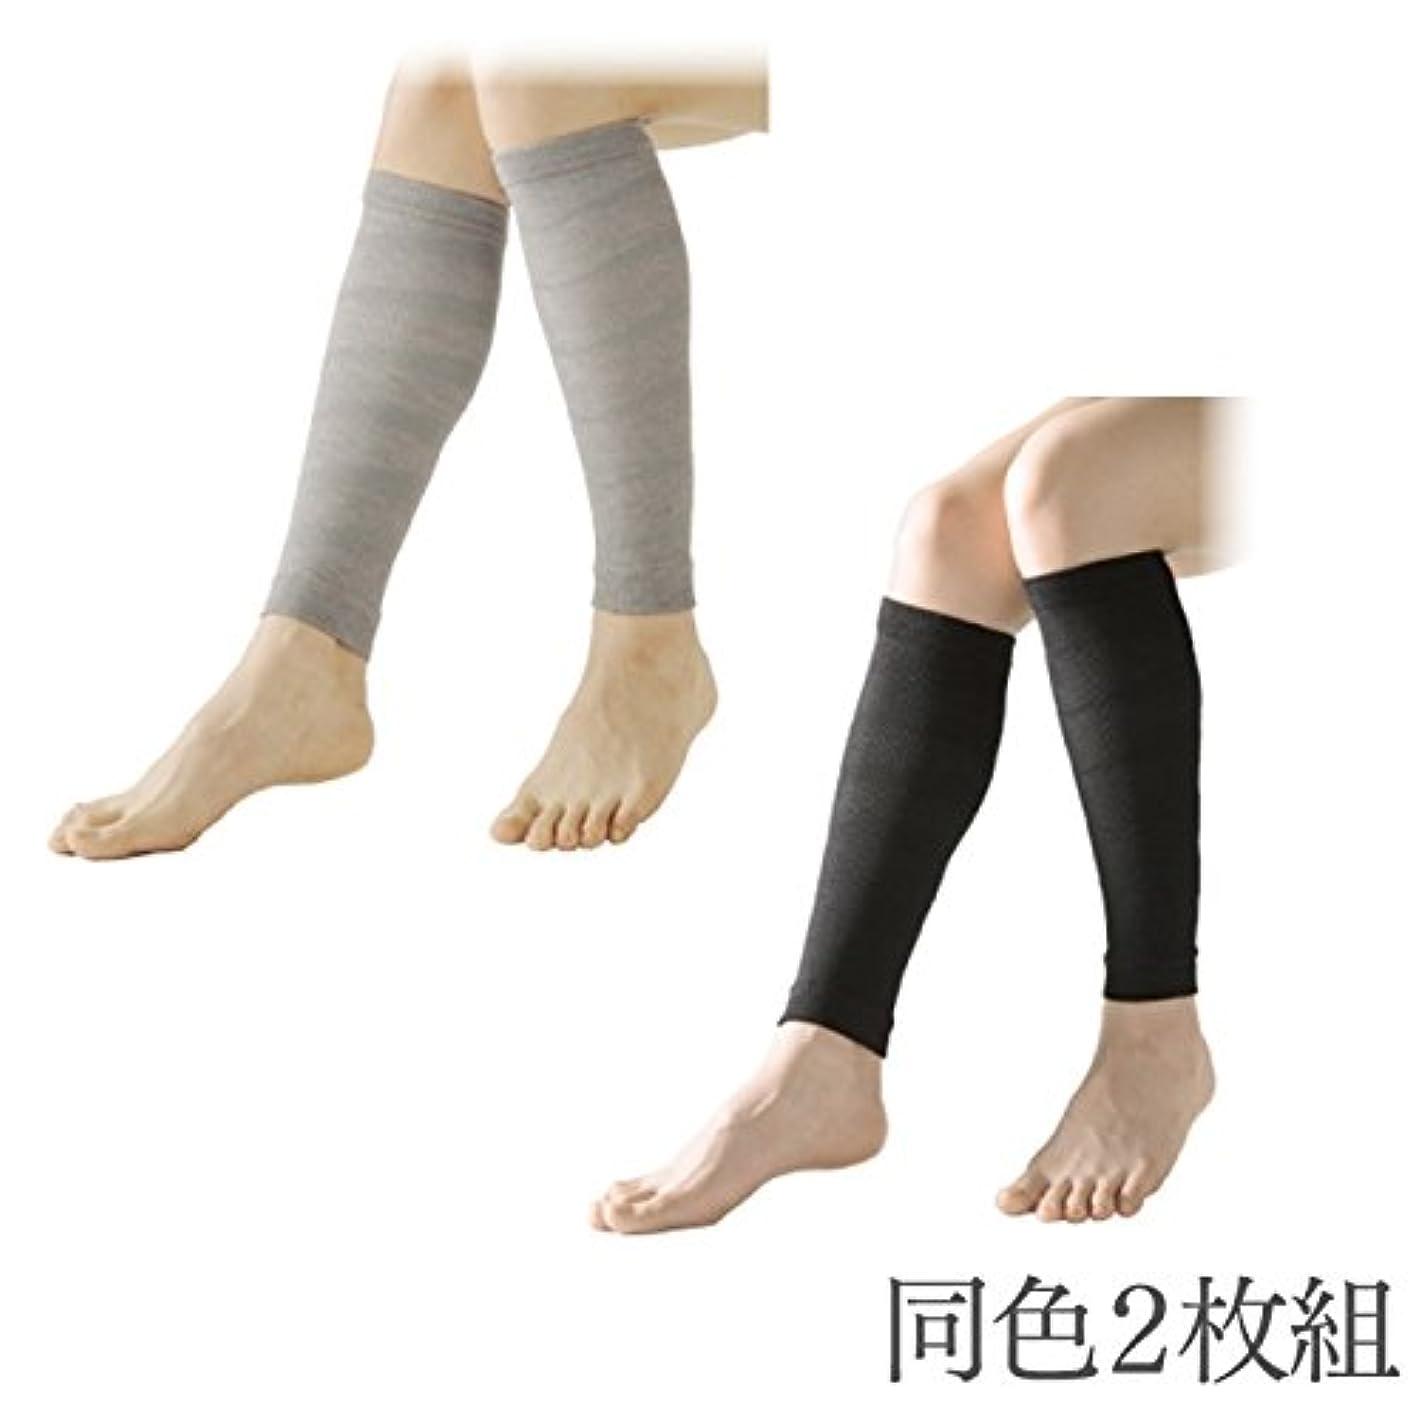 アヒルストレス糞着圧ソックス 足のむくみ 靴下 むくみ解消 着圧ふくらはぎサポーター 2枚組(ブラック)